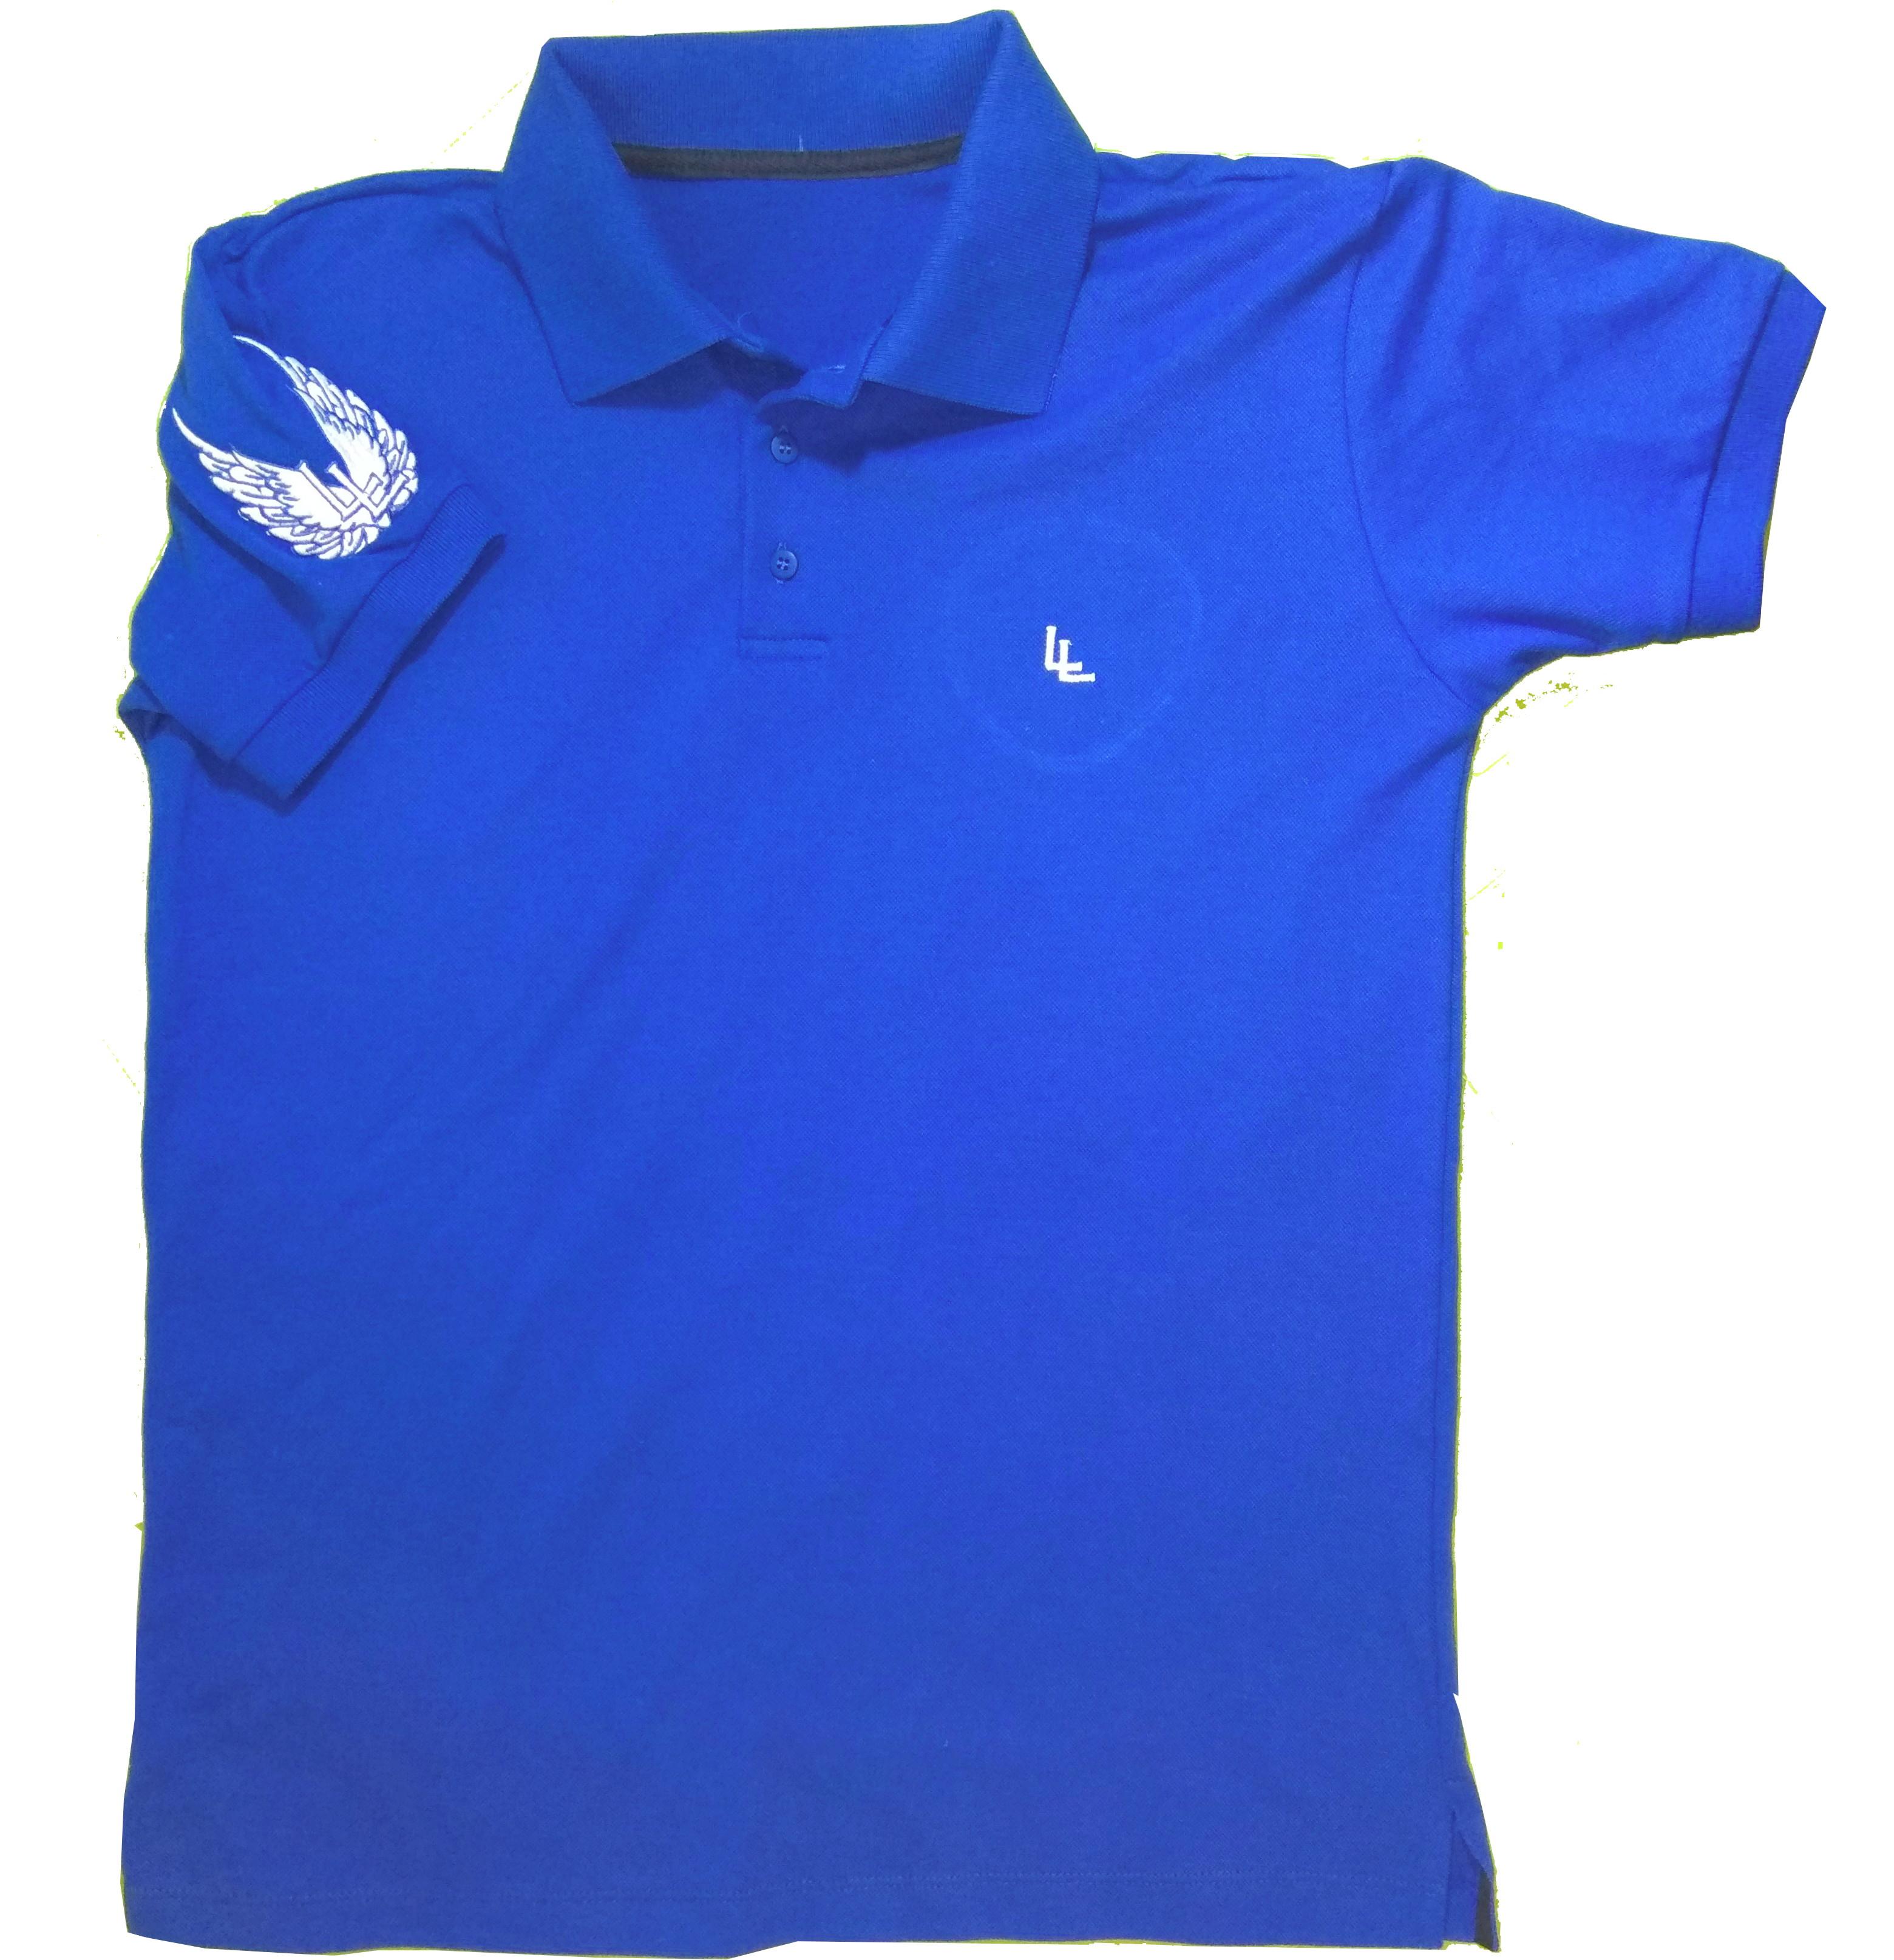 a6d9b9ddb30b5 Camisa polo masculina piquet azul Limitless + brinde no Elo7   Felype  Fernando Leiroze Silva (C72651)